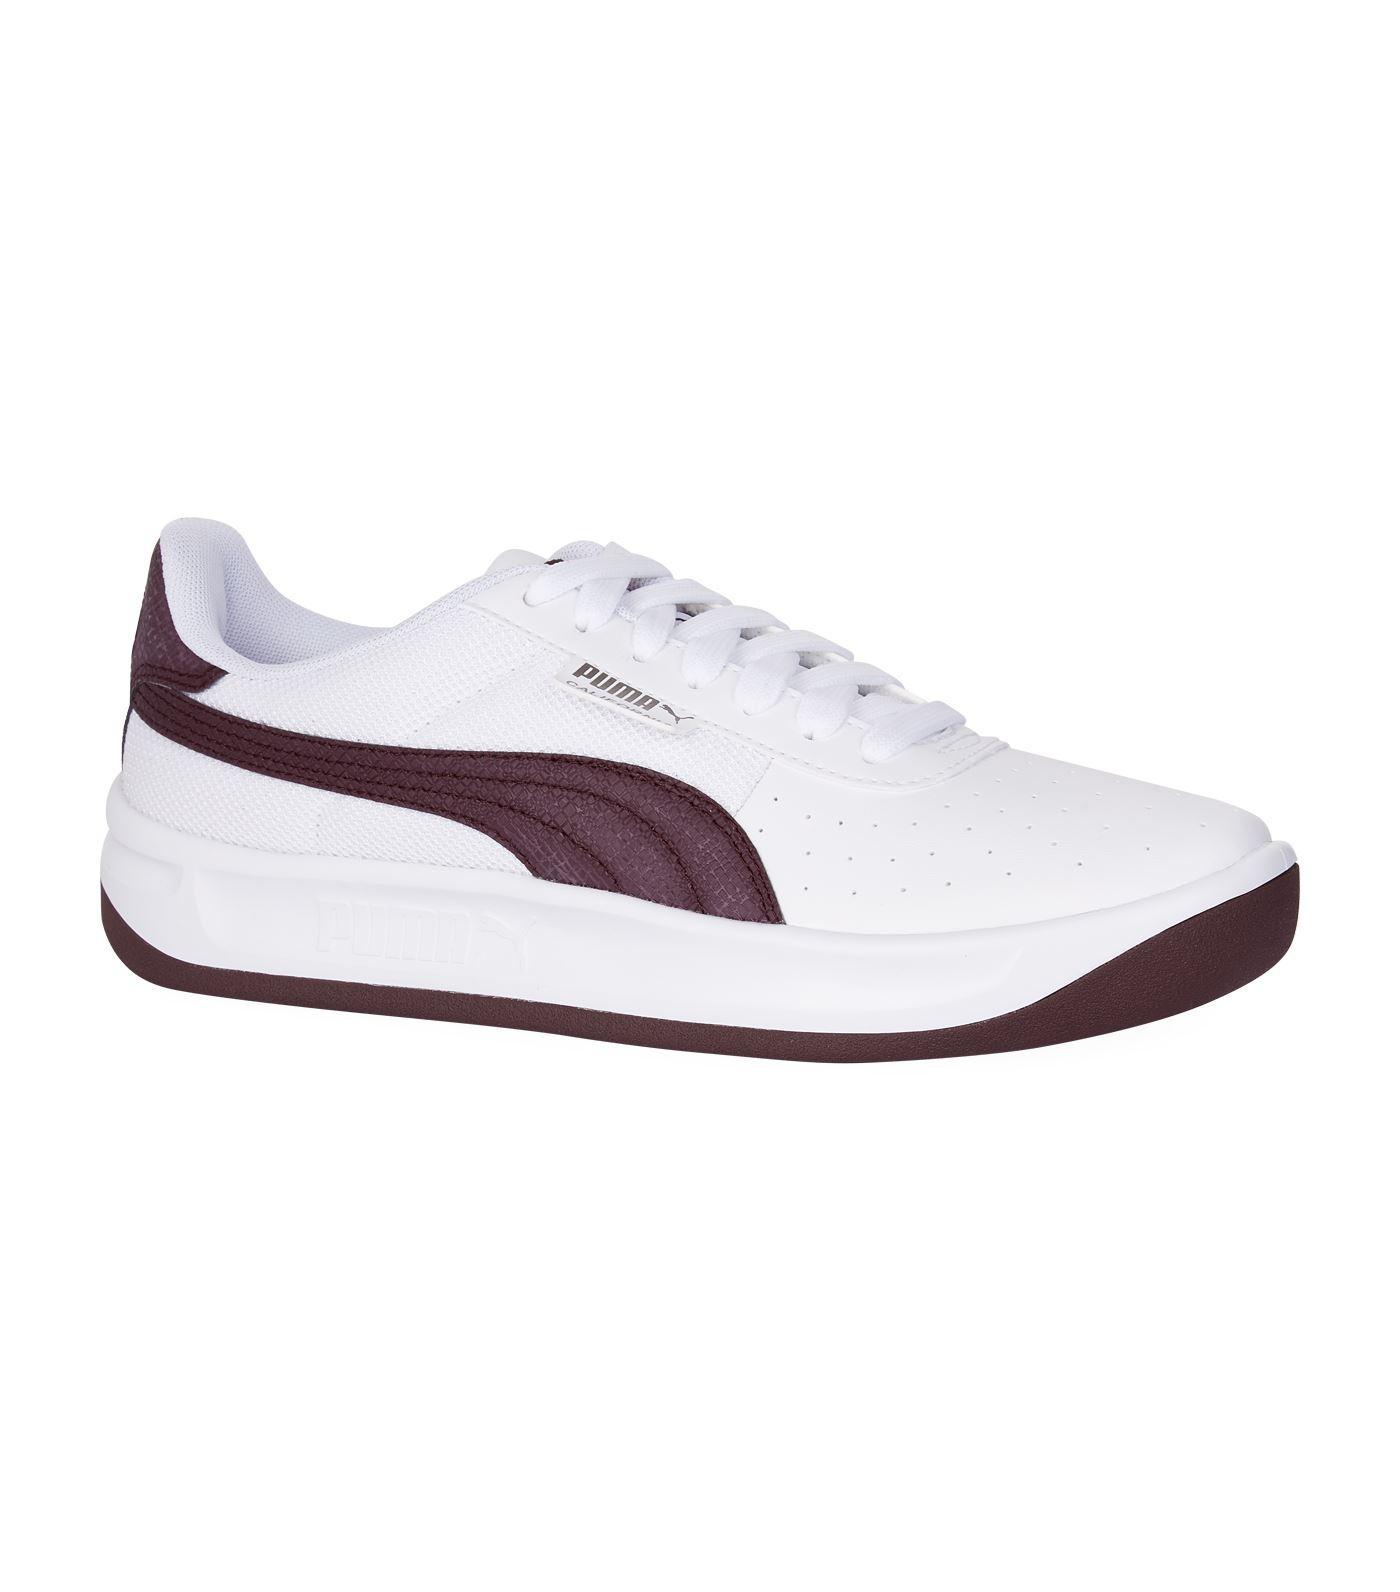 45892ed5e1dd2 PUMA California Scratch Sneakers in White - Lyst